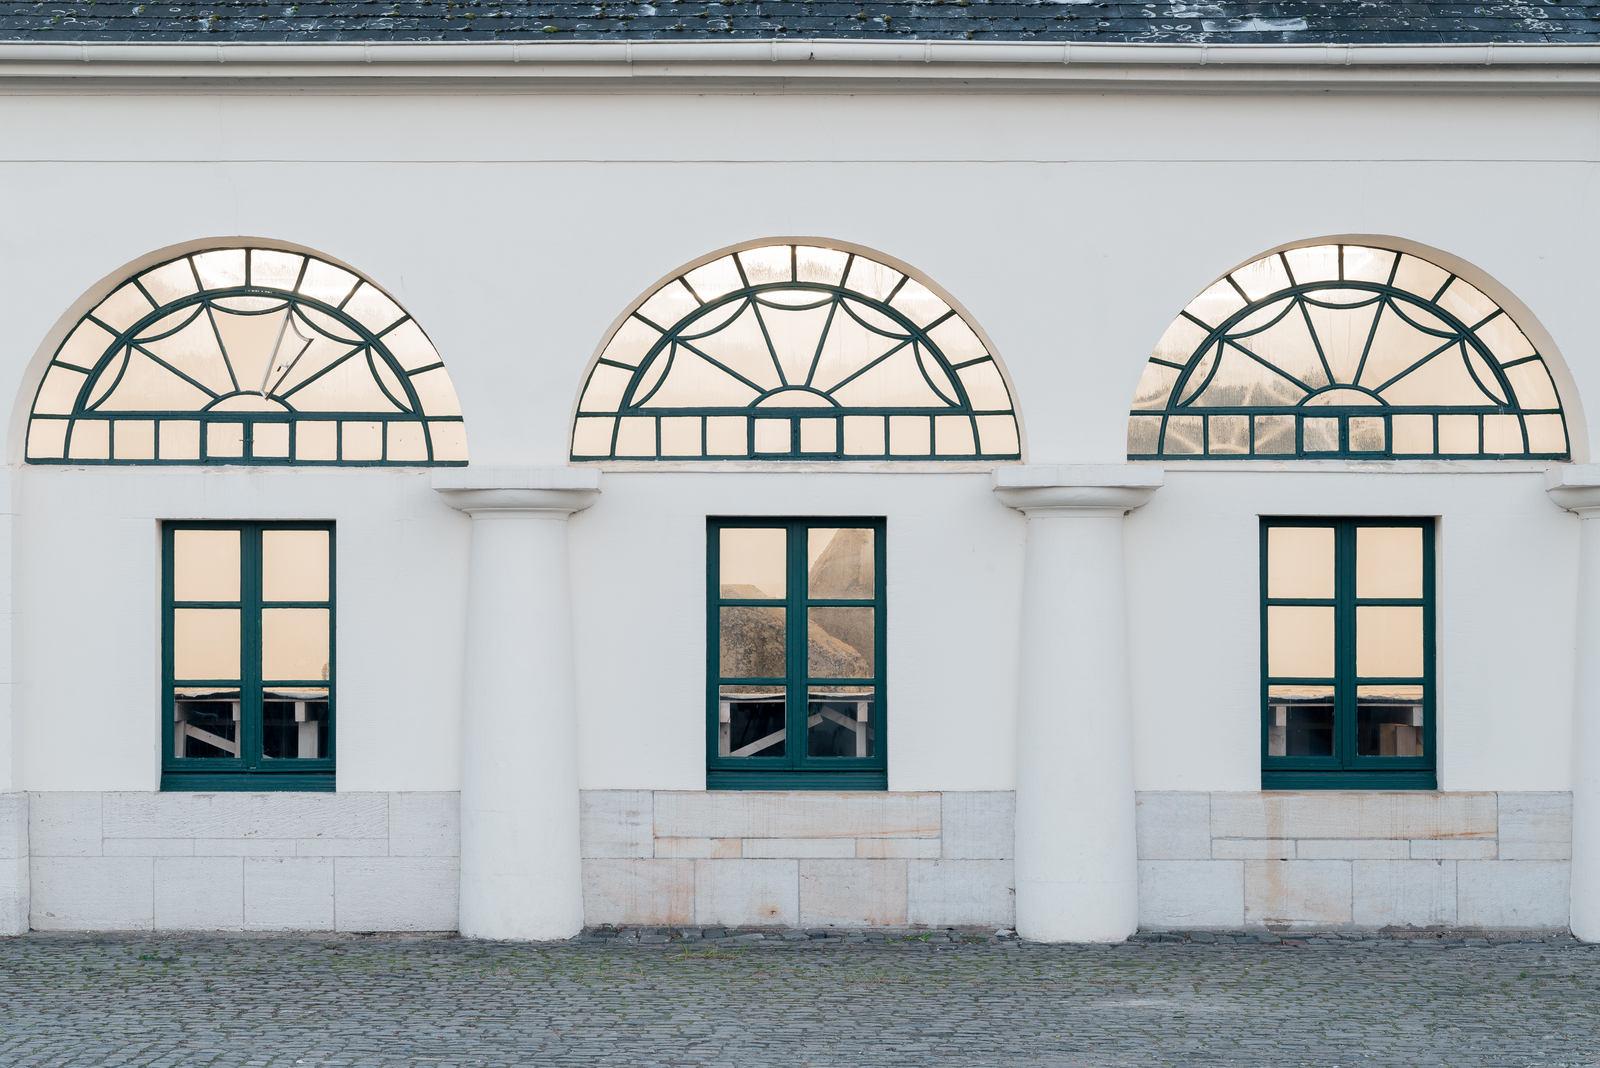 Tiril Hasselknippe at Kunstverein Braunschweig_12